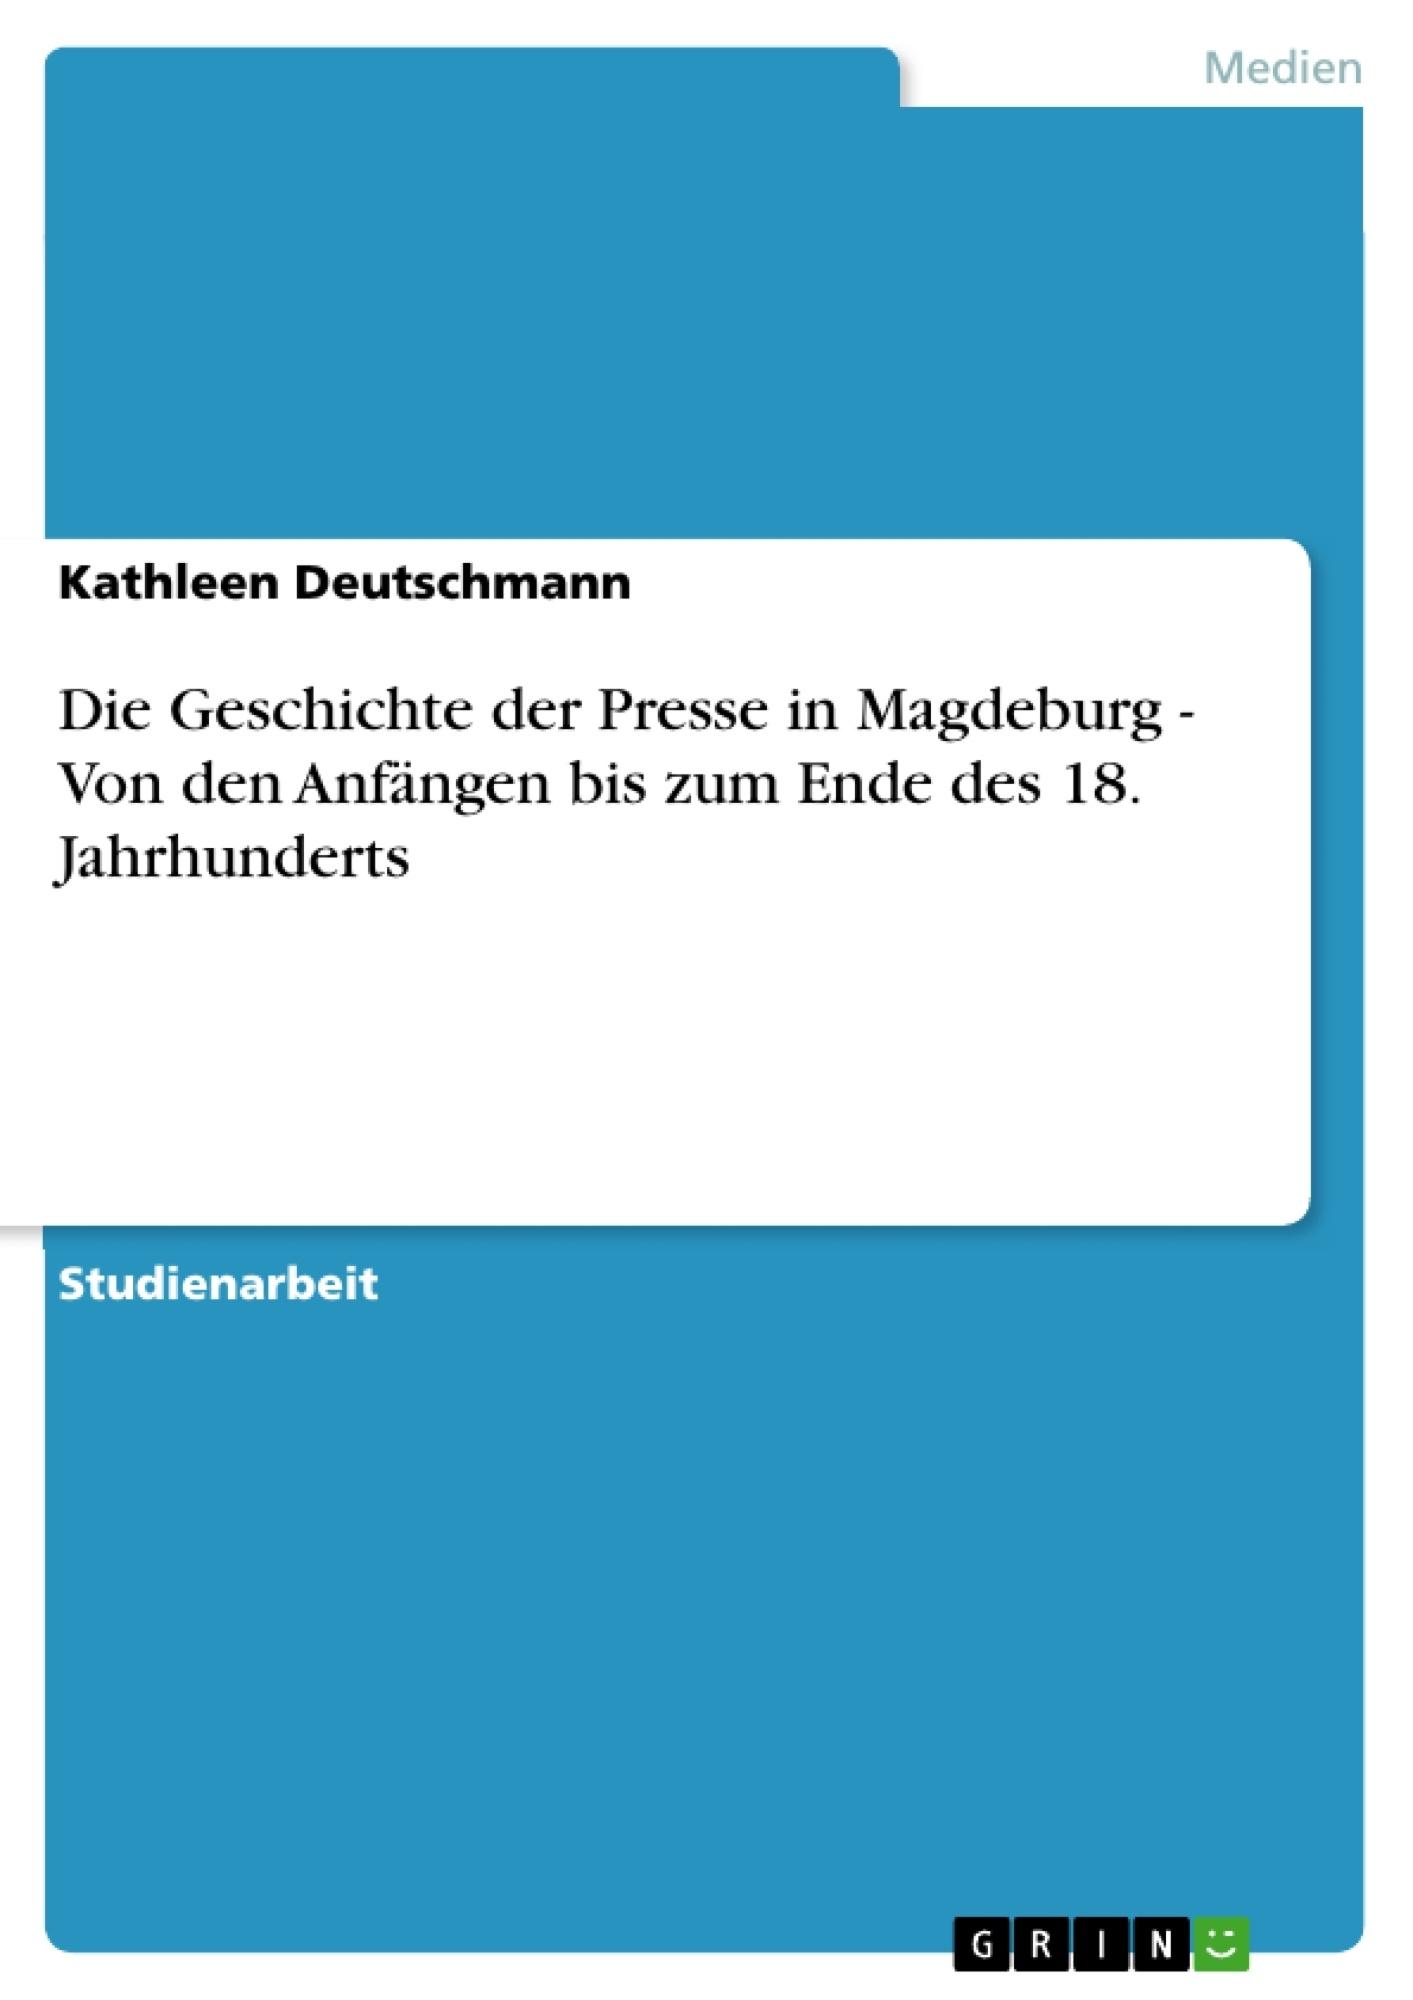 Titel: Die Geschichte der Presse in Magdeburg - Von den Anfängen bis zum Ende des 18. Jahrhunderts